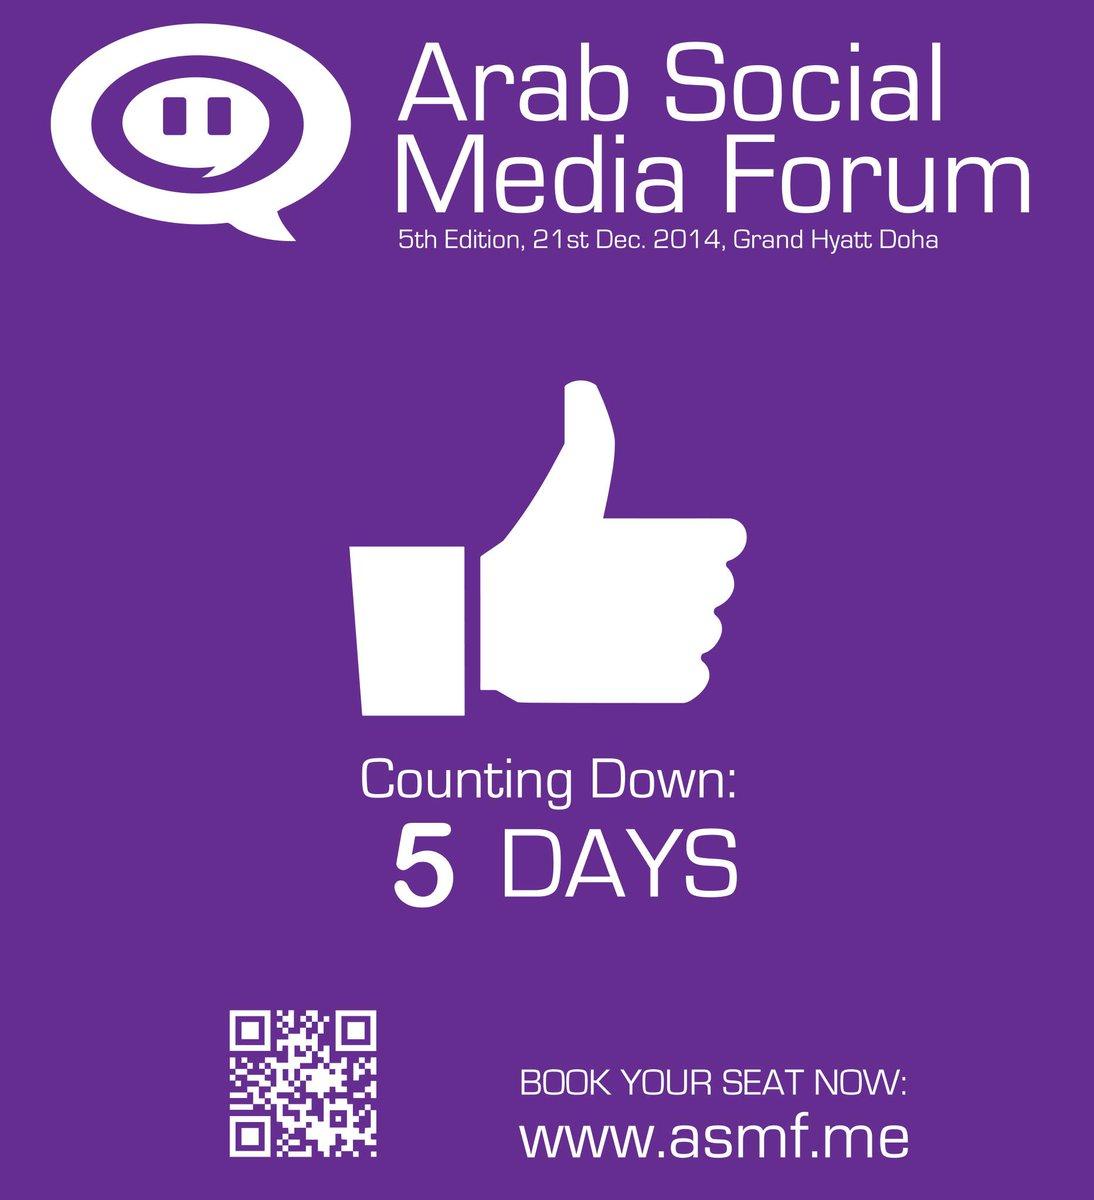 5 أيام تفصلنا عن المنتدى العربي للإعلام الإجتماعي الرقمي في #قطر !  سجل حضورك : http://t.co/wKaP38AGwj  #ASMF5 #ASMF http://t.co/oLlHyMXTi2